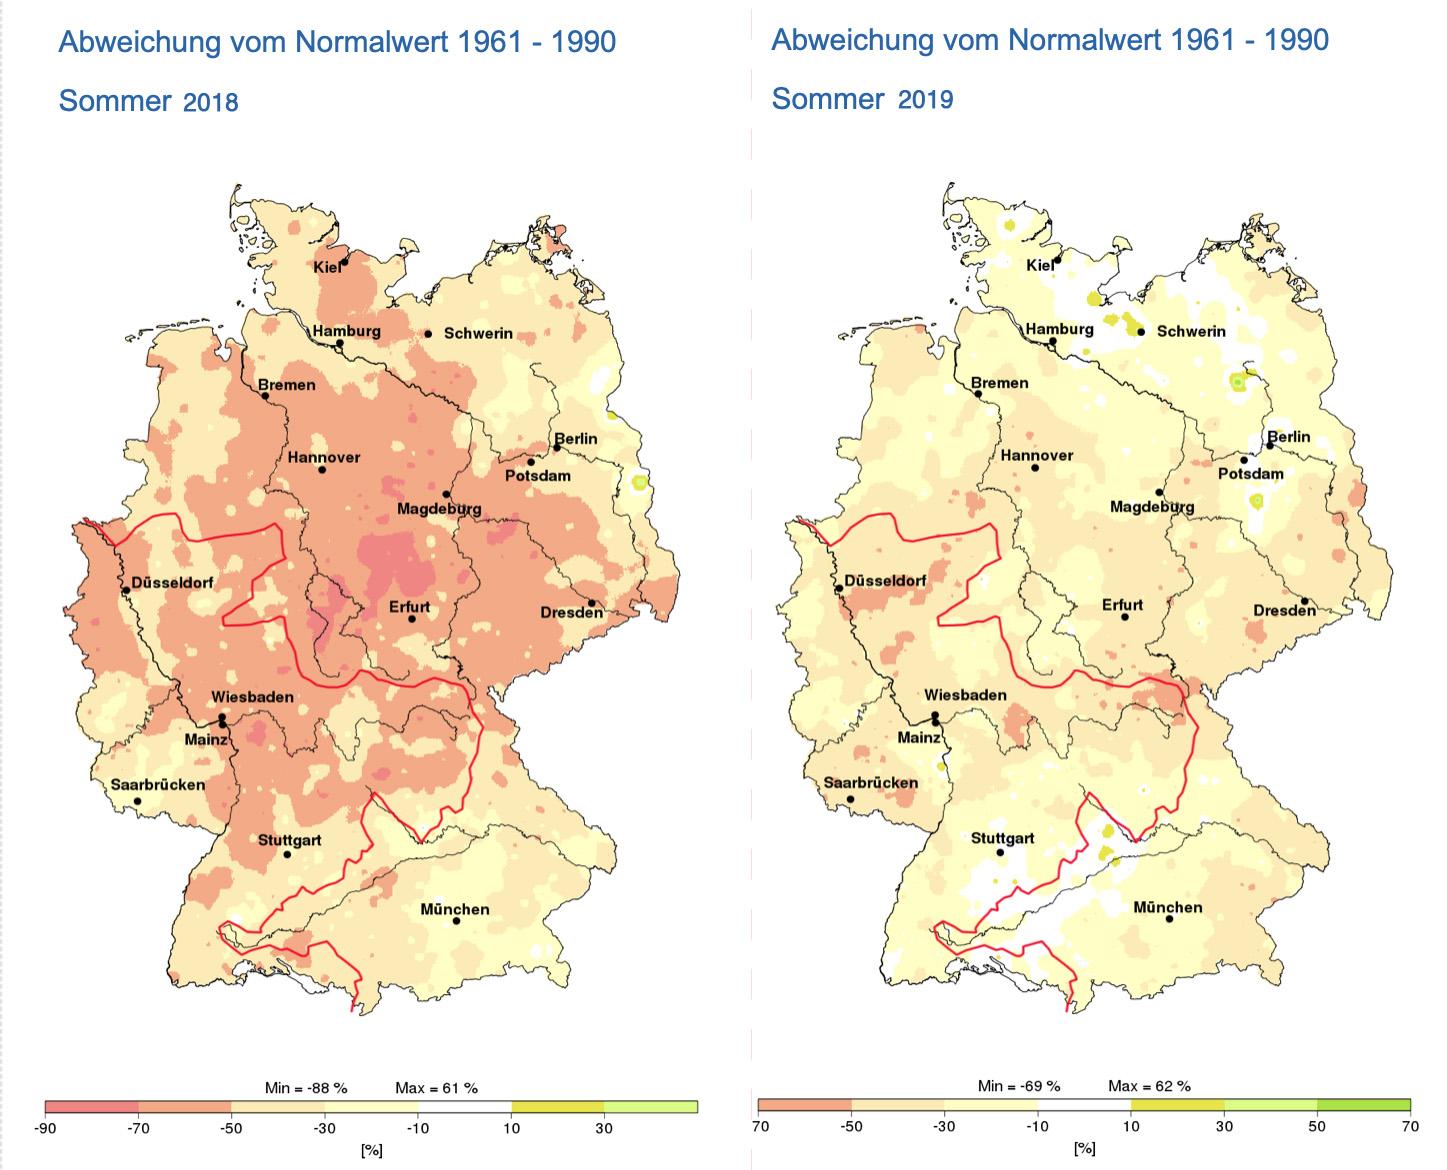 Zomerneerslag Duitsland in 2018 (links) en 2019 (rechts) in percentage waarin het afwijkt van het langjarig gemiddelde (de rode lijn is de grens van het stroomgebied van de Rijn).